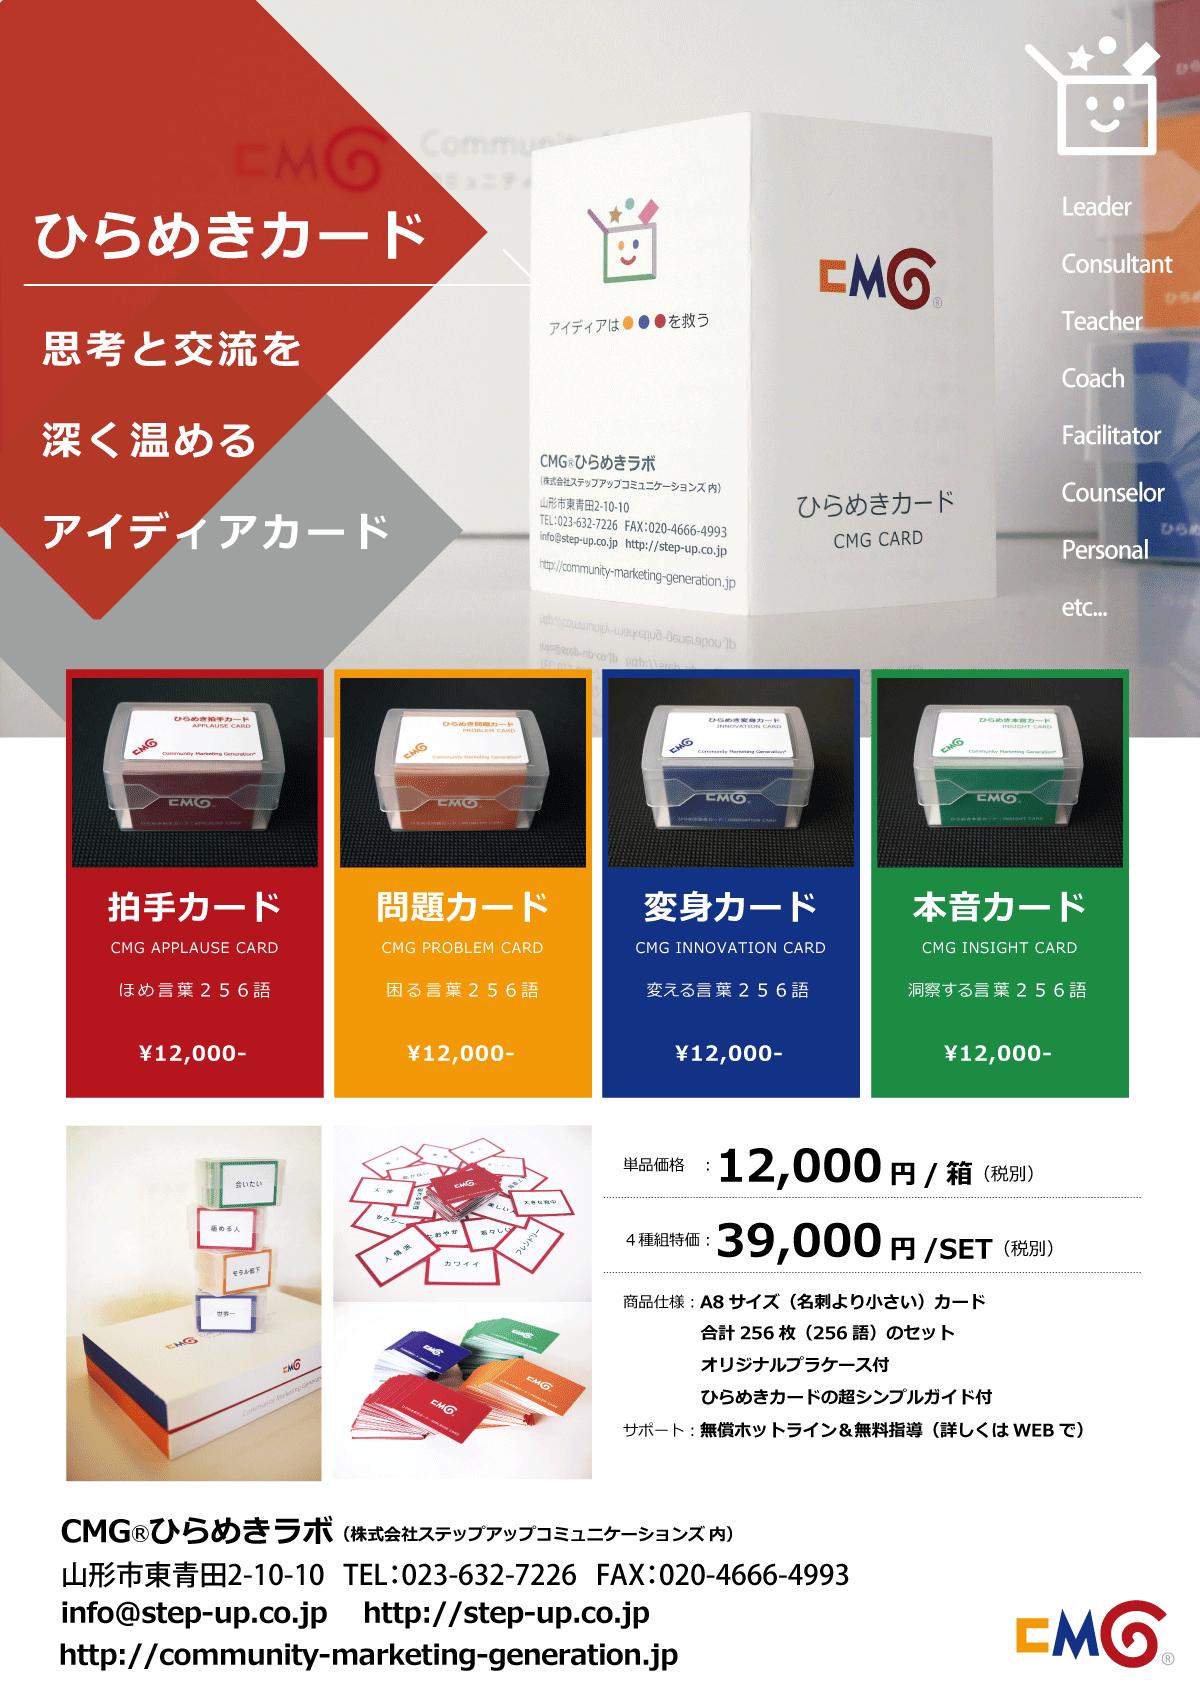 CMGひらめきカードの販売開始:画像